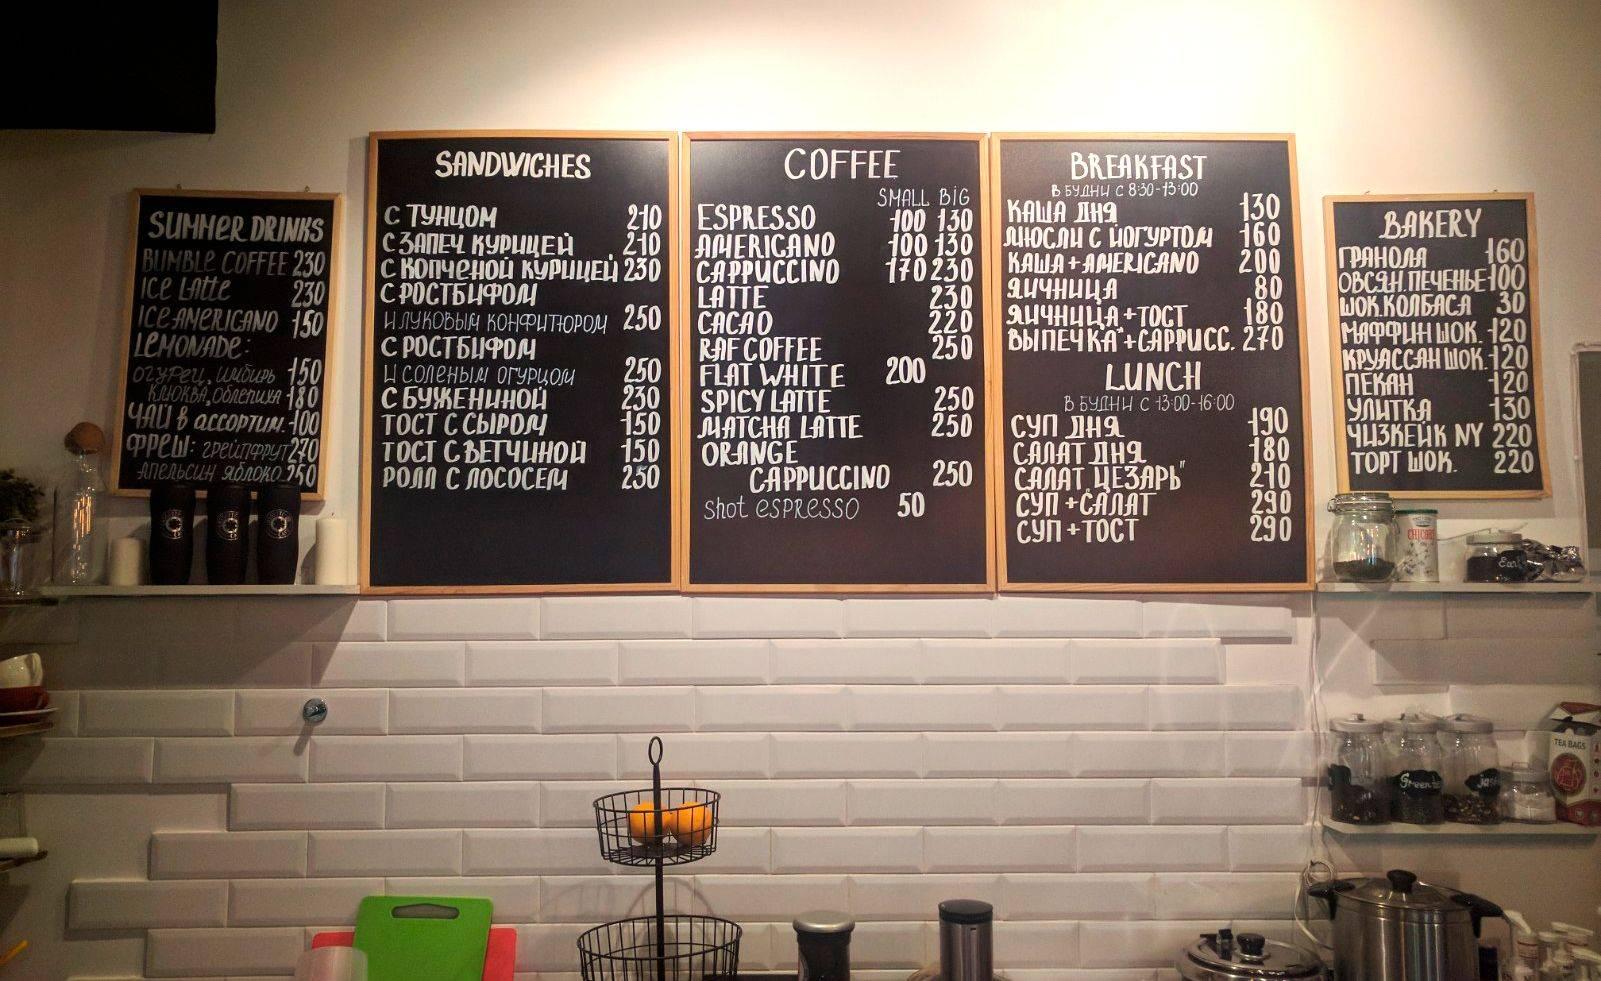 меню кофейни Cassette cafe в Духовском переулке, цены на кофе